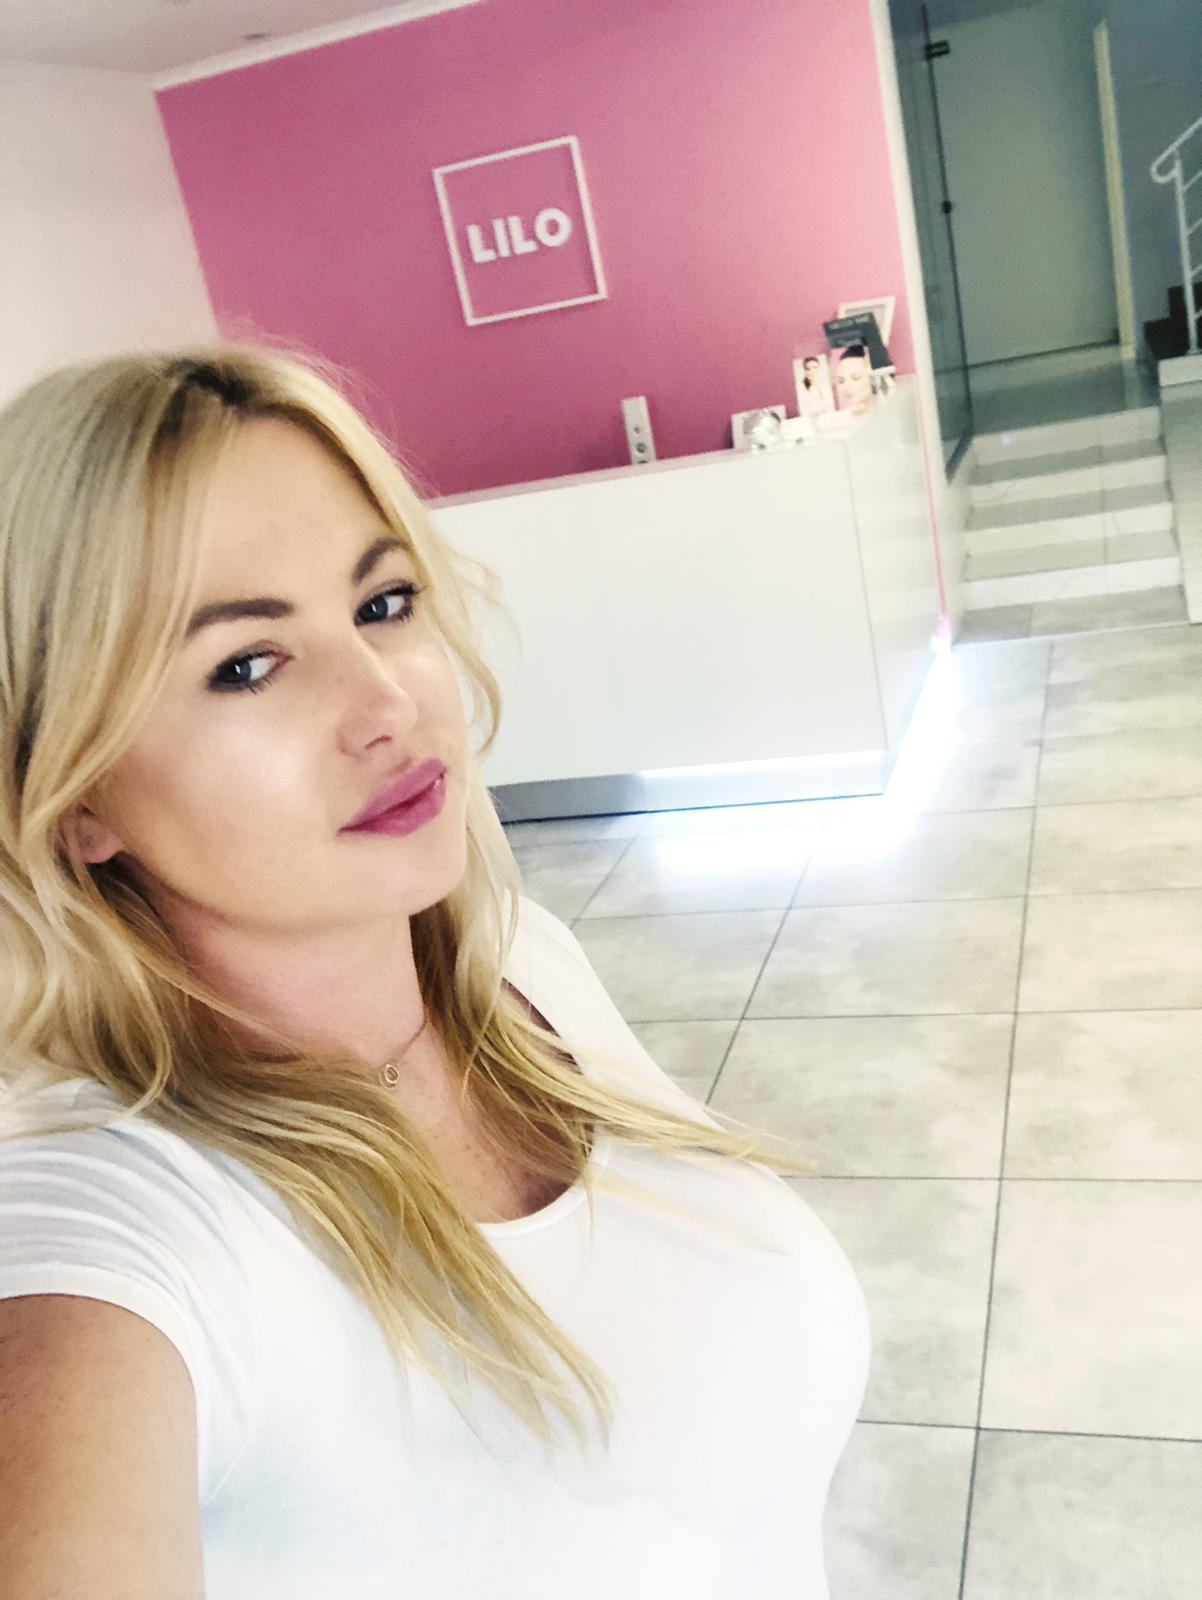 Lilo beauty - szkolenia ikursy kosmetyczne